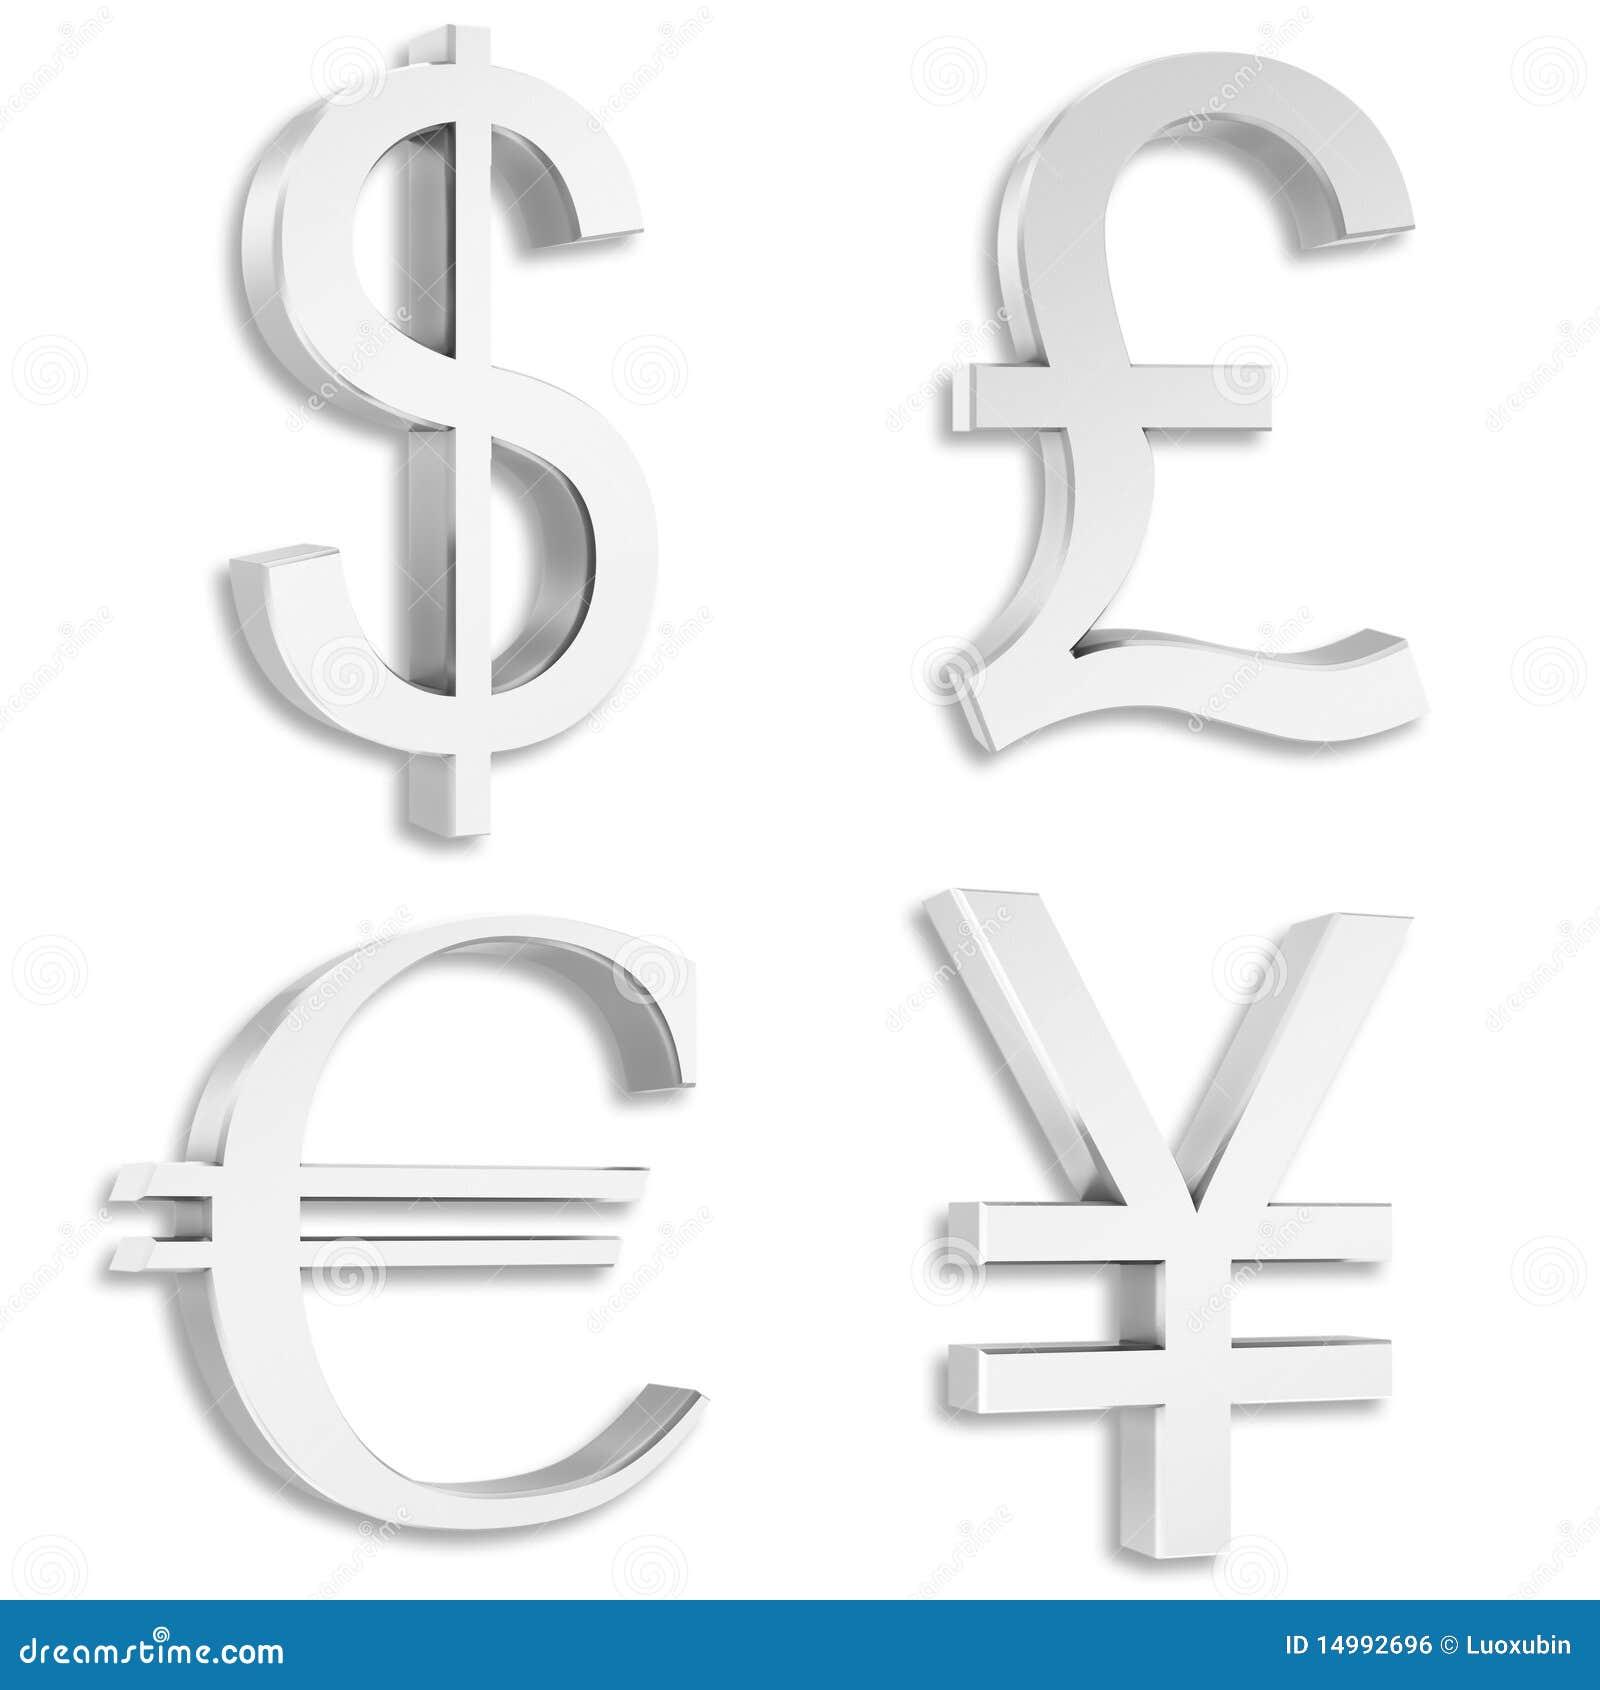 Le dollar en argent, livre, euro, yuan signe